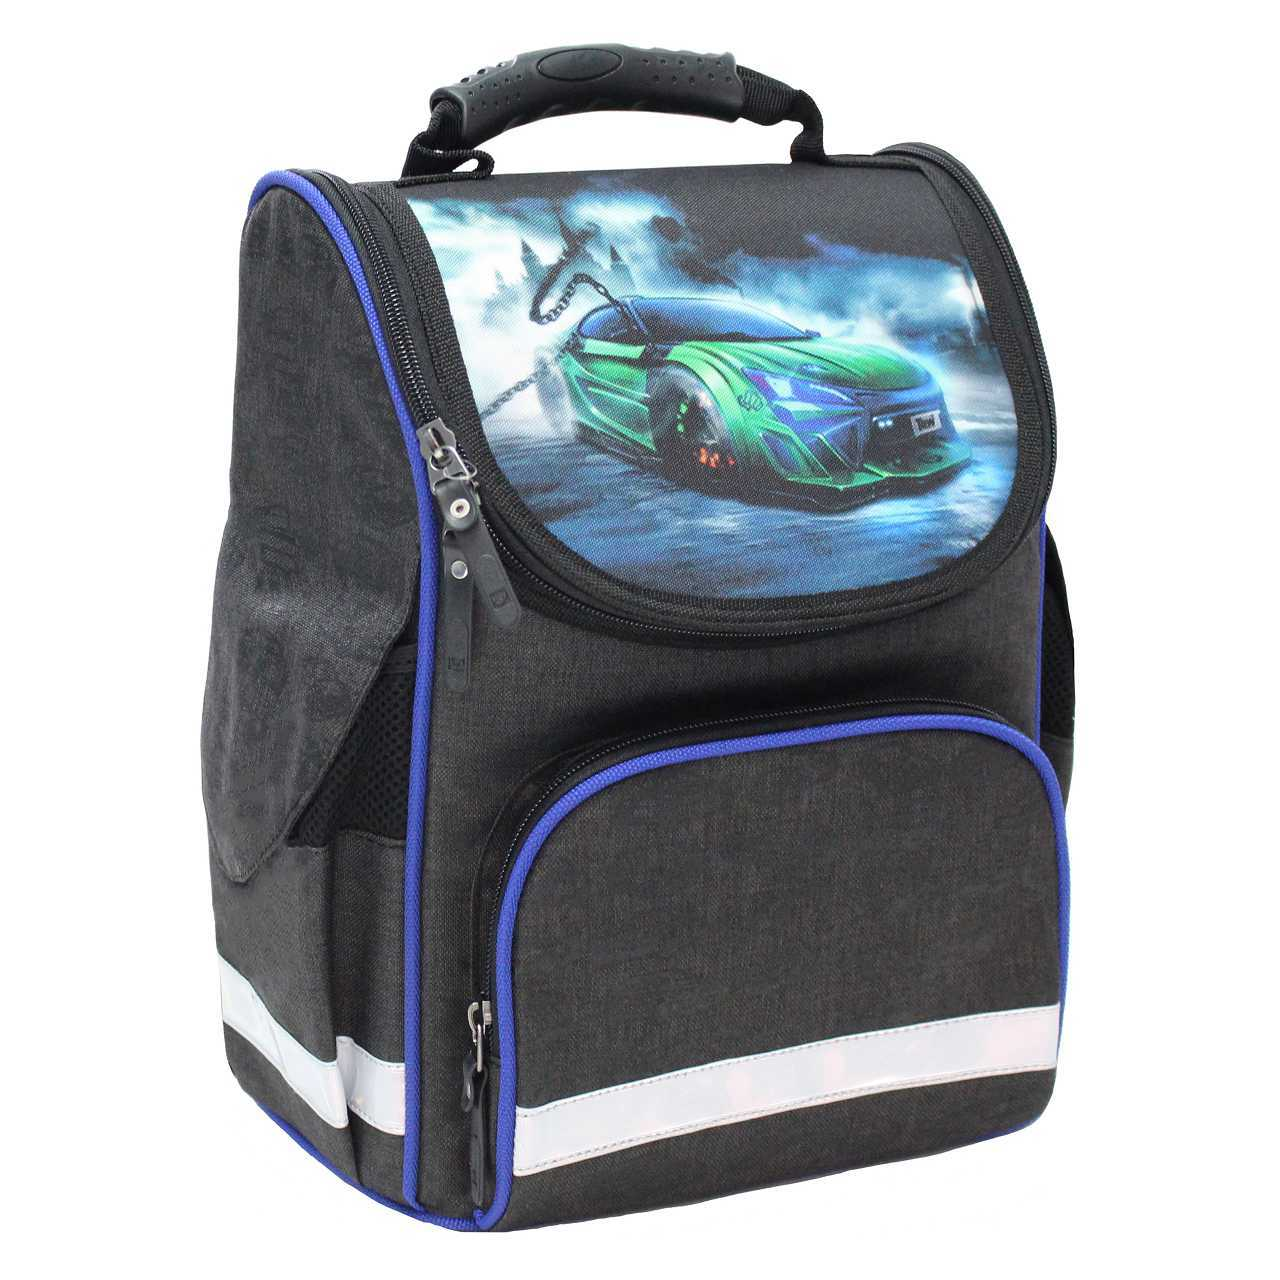 Школьные рюкзаки Рюкзак школьный каркасный Bagland Успех 12 л. чорний 3 м (00551692) IMG_4703.jpg